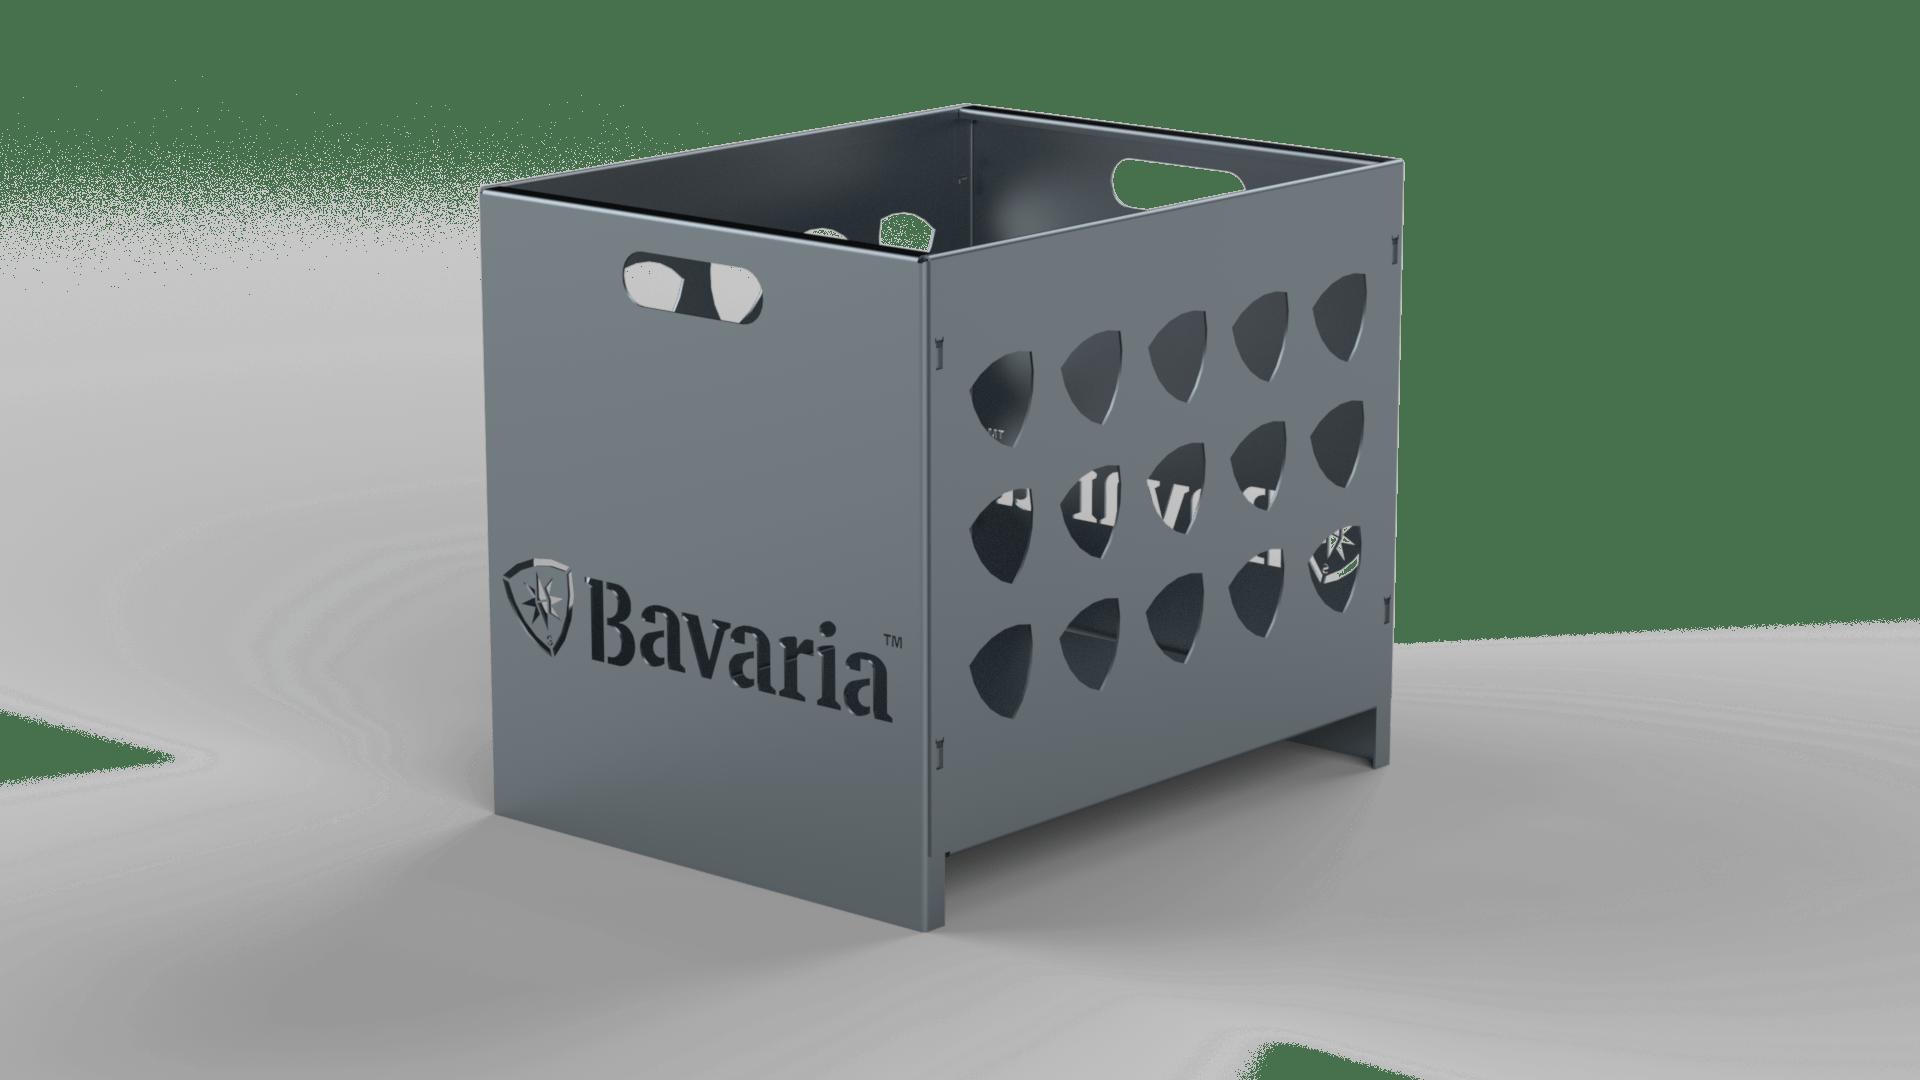 Bavaria vuurkorf